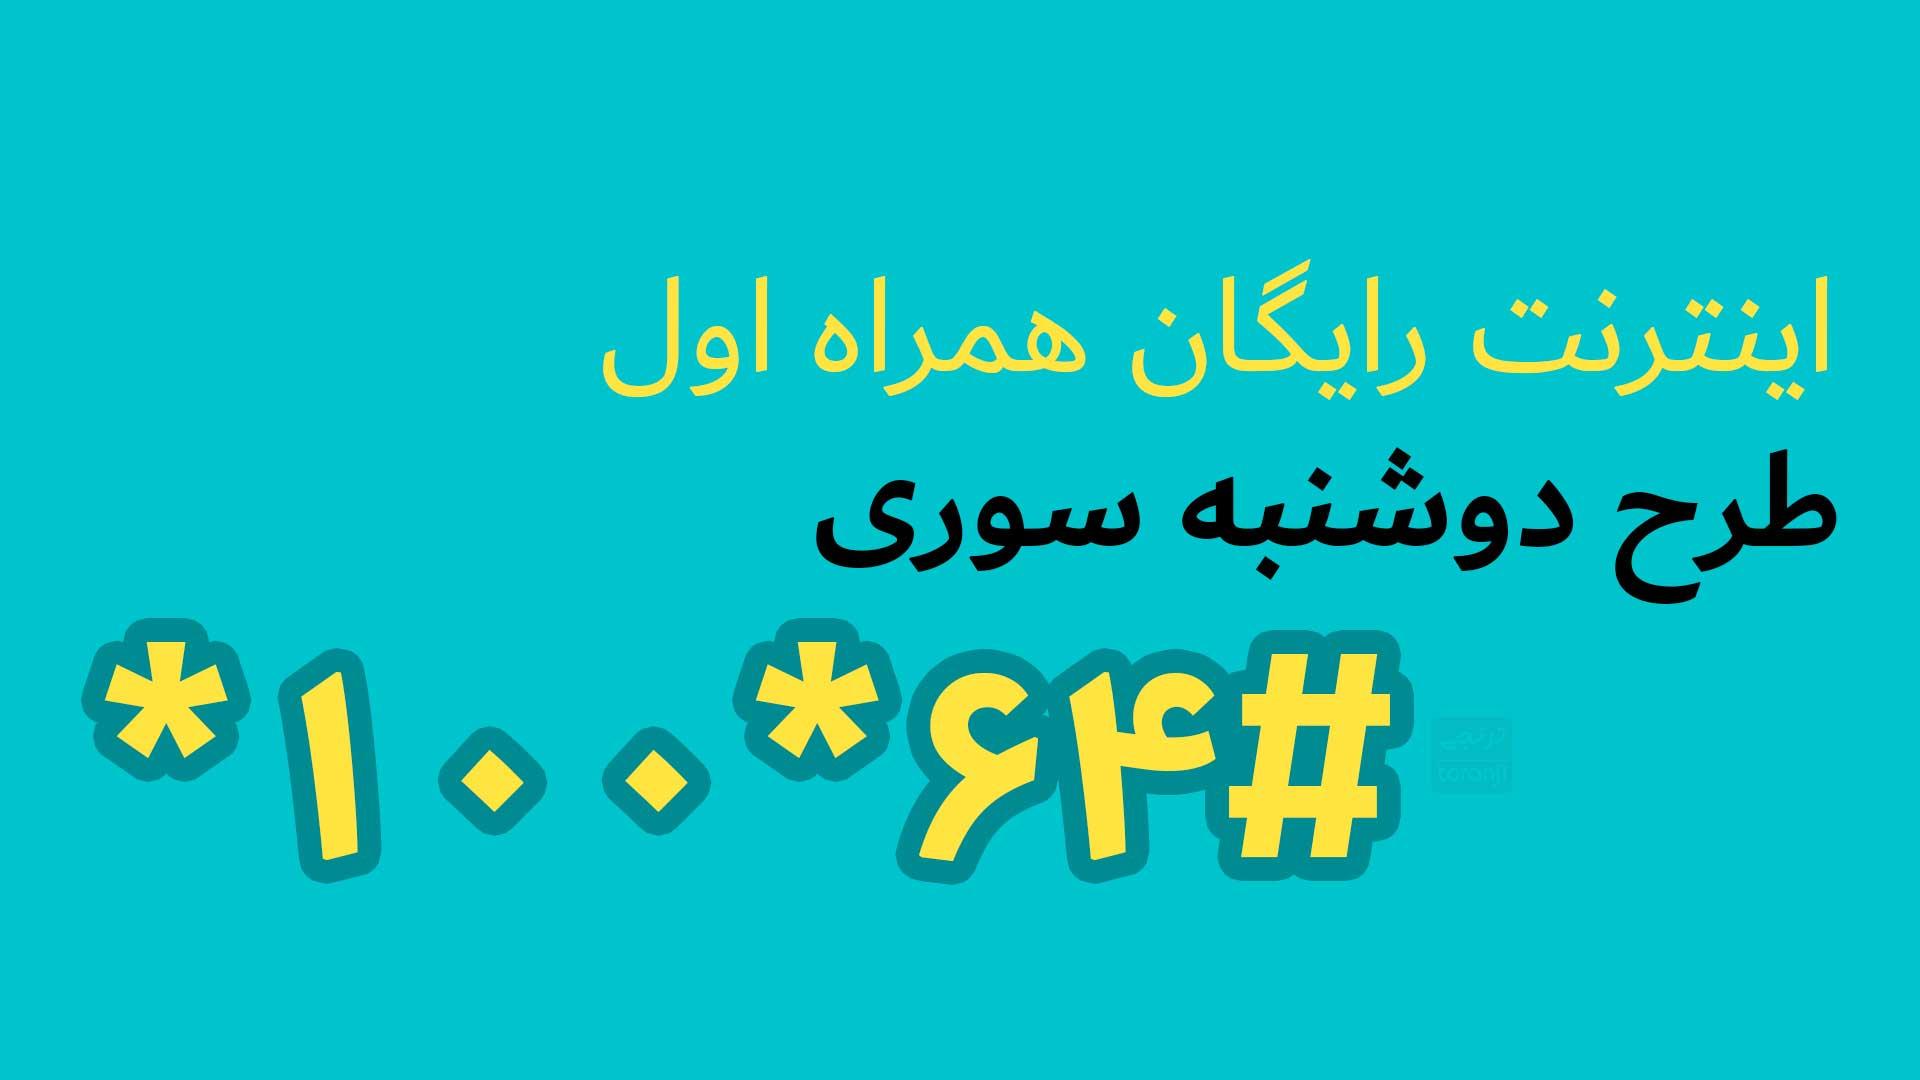 تا ۱۰۰ گیگابایت اینترنت رایگان همراه اول با کد #64*100* با دوشنبه سوری دی ۹۸